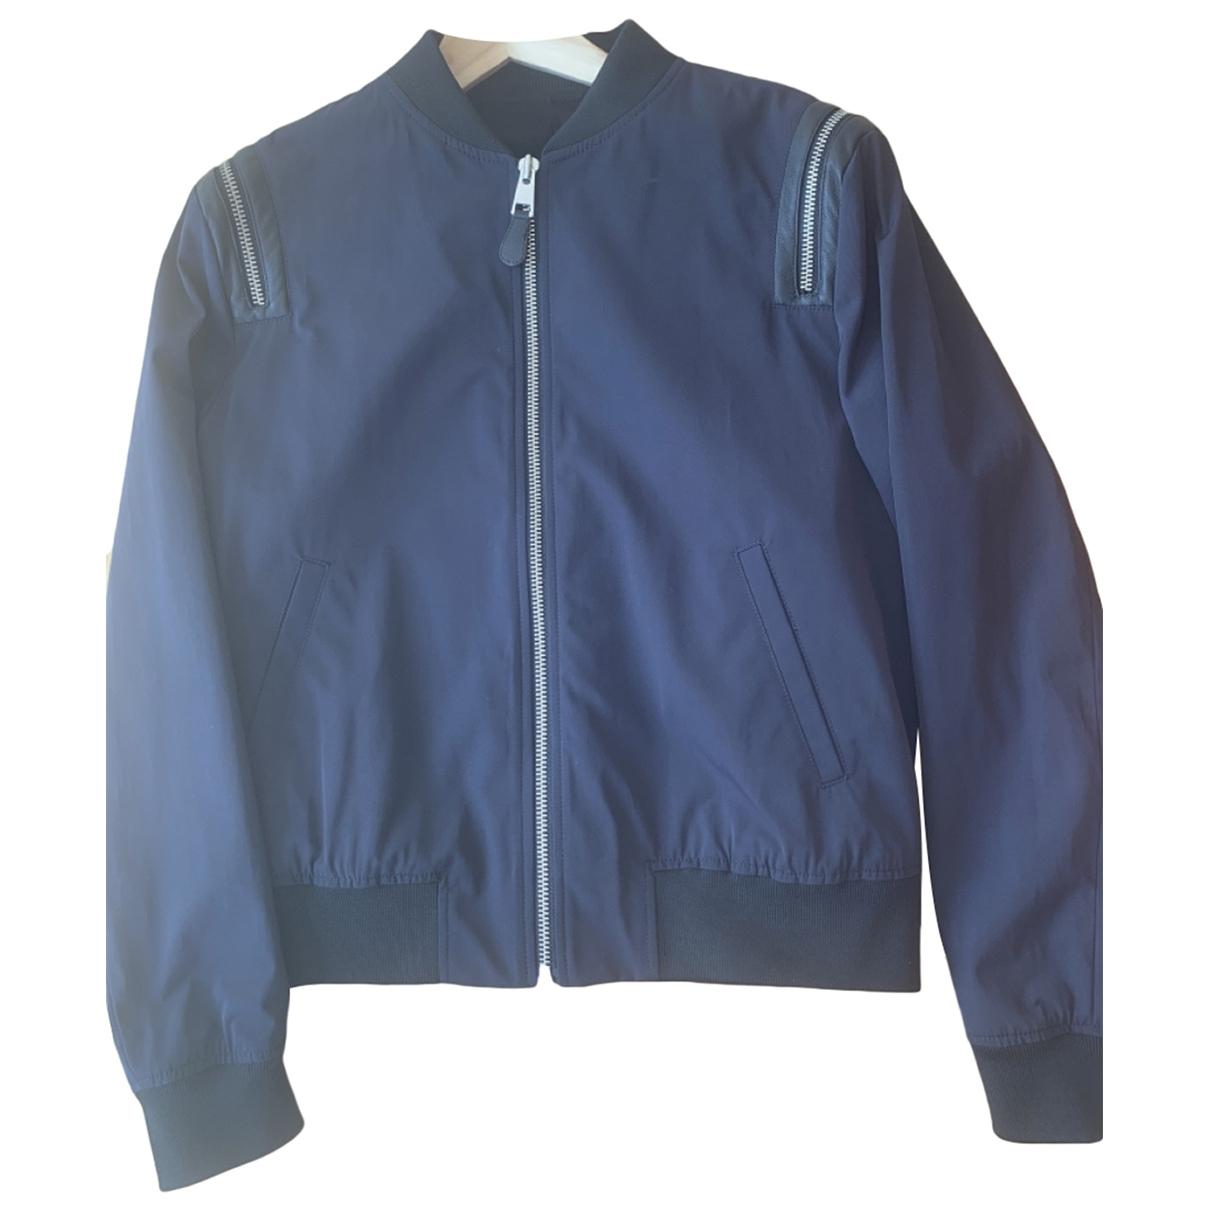 The Kooples \N Navy jacket  for Men M International